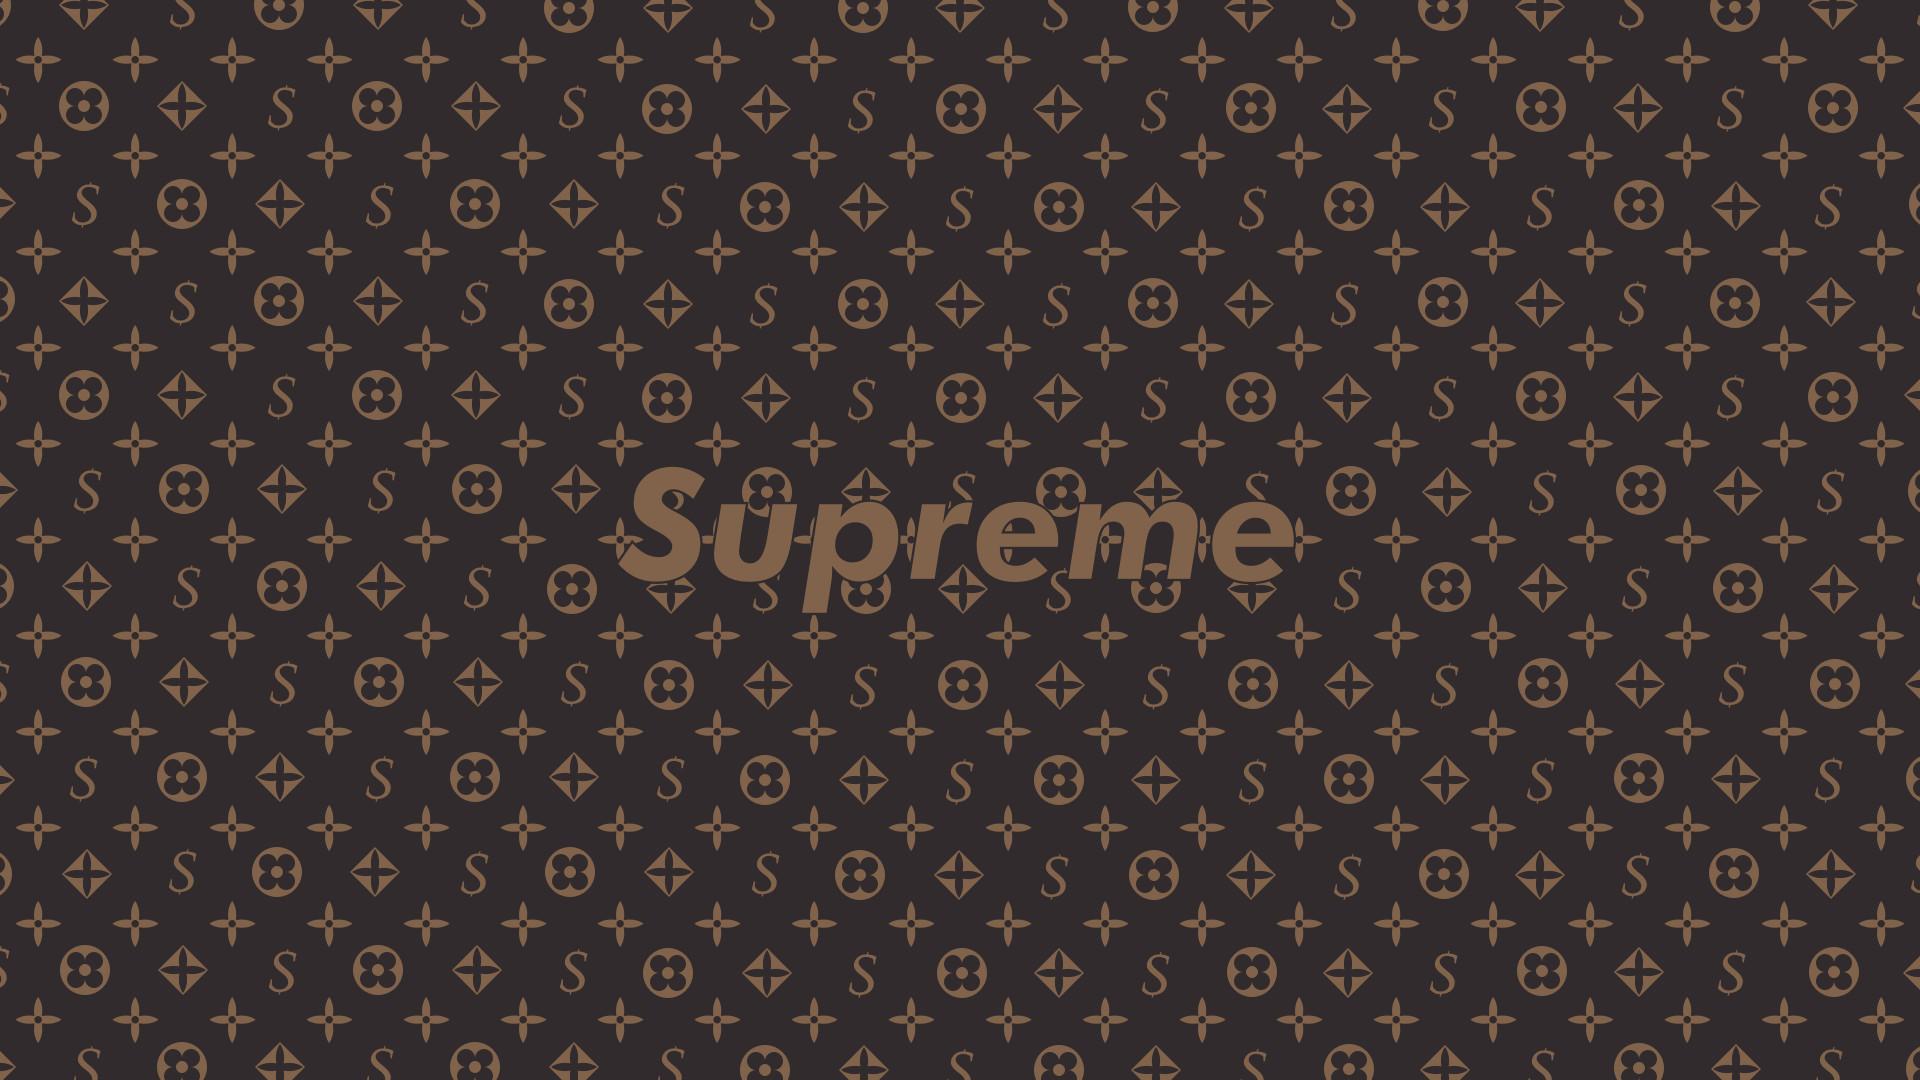 Sfondi 1920x1080 Px Louis Vuitton Supremo 1920x1080